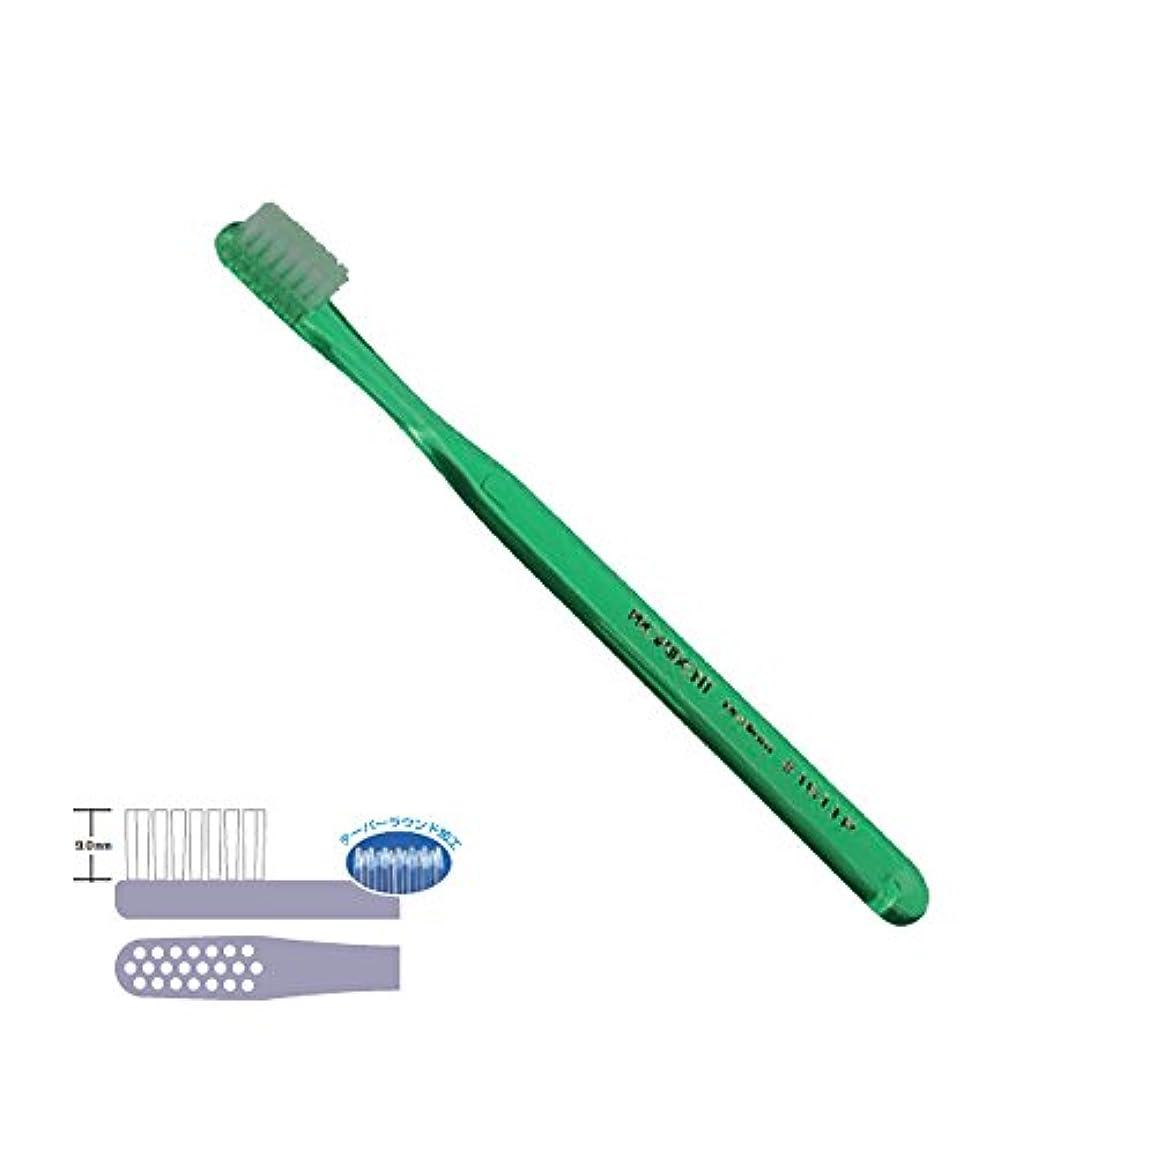 プローデント プロキシデント #1611P 歯ブラシ 50本入 10本 × 5色 【コンパクトヘッド】【ミディアム】【キャップ付】